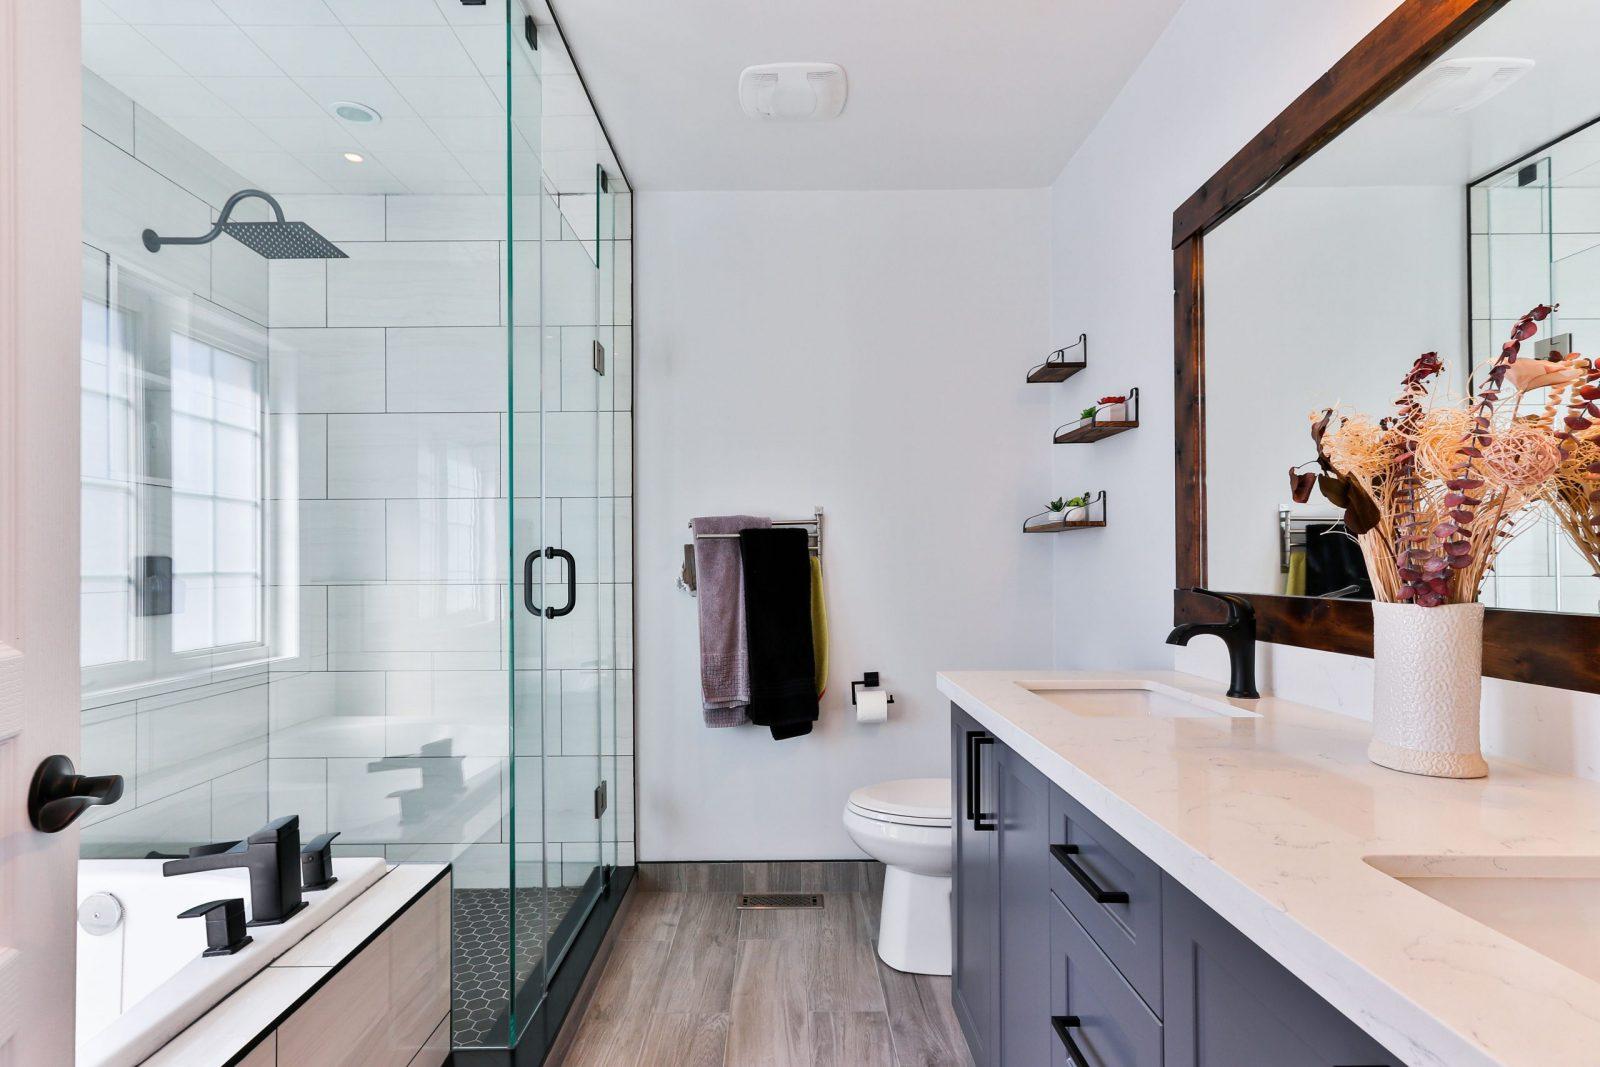 Top 3 Benefits of Frameless Glass Shower Doors